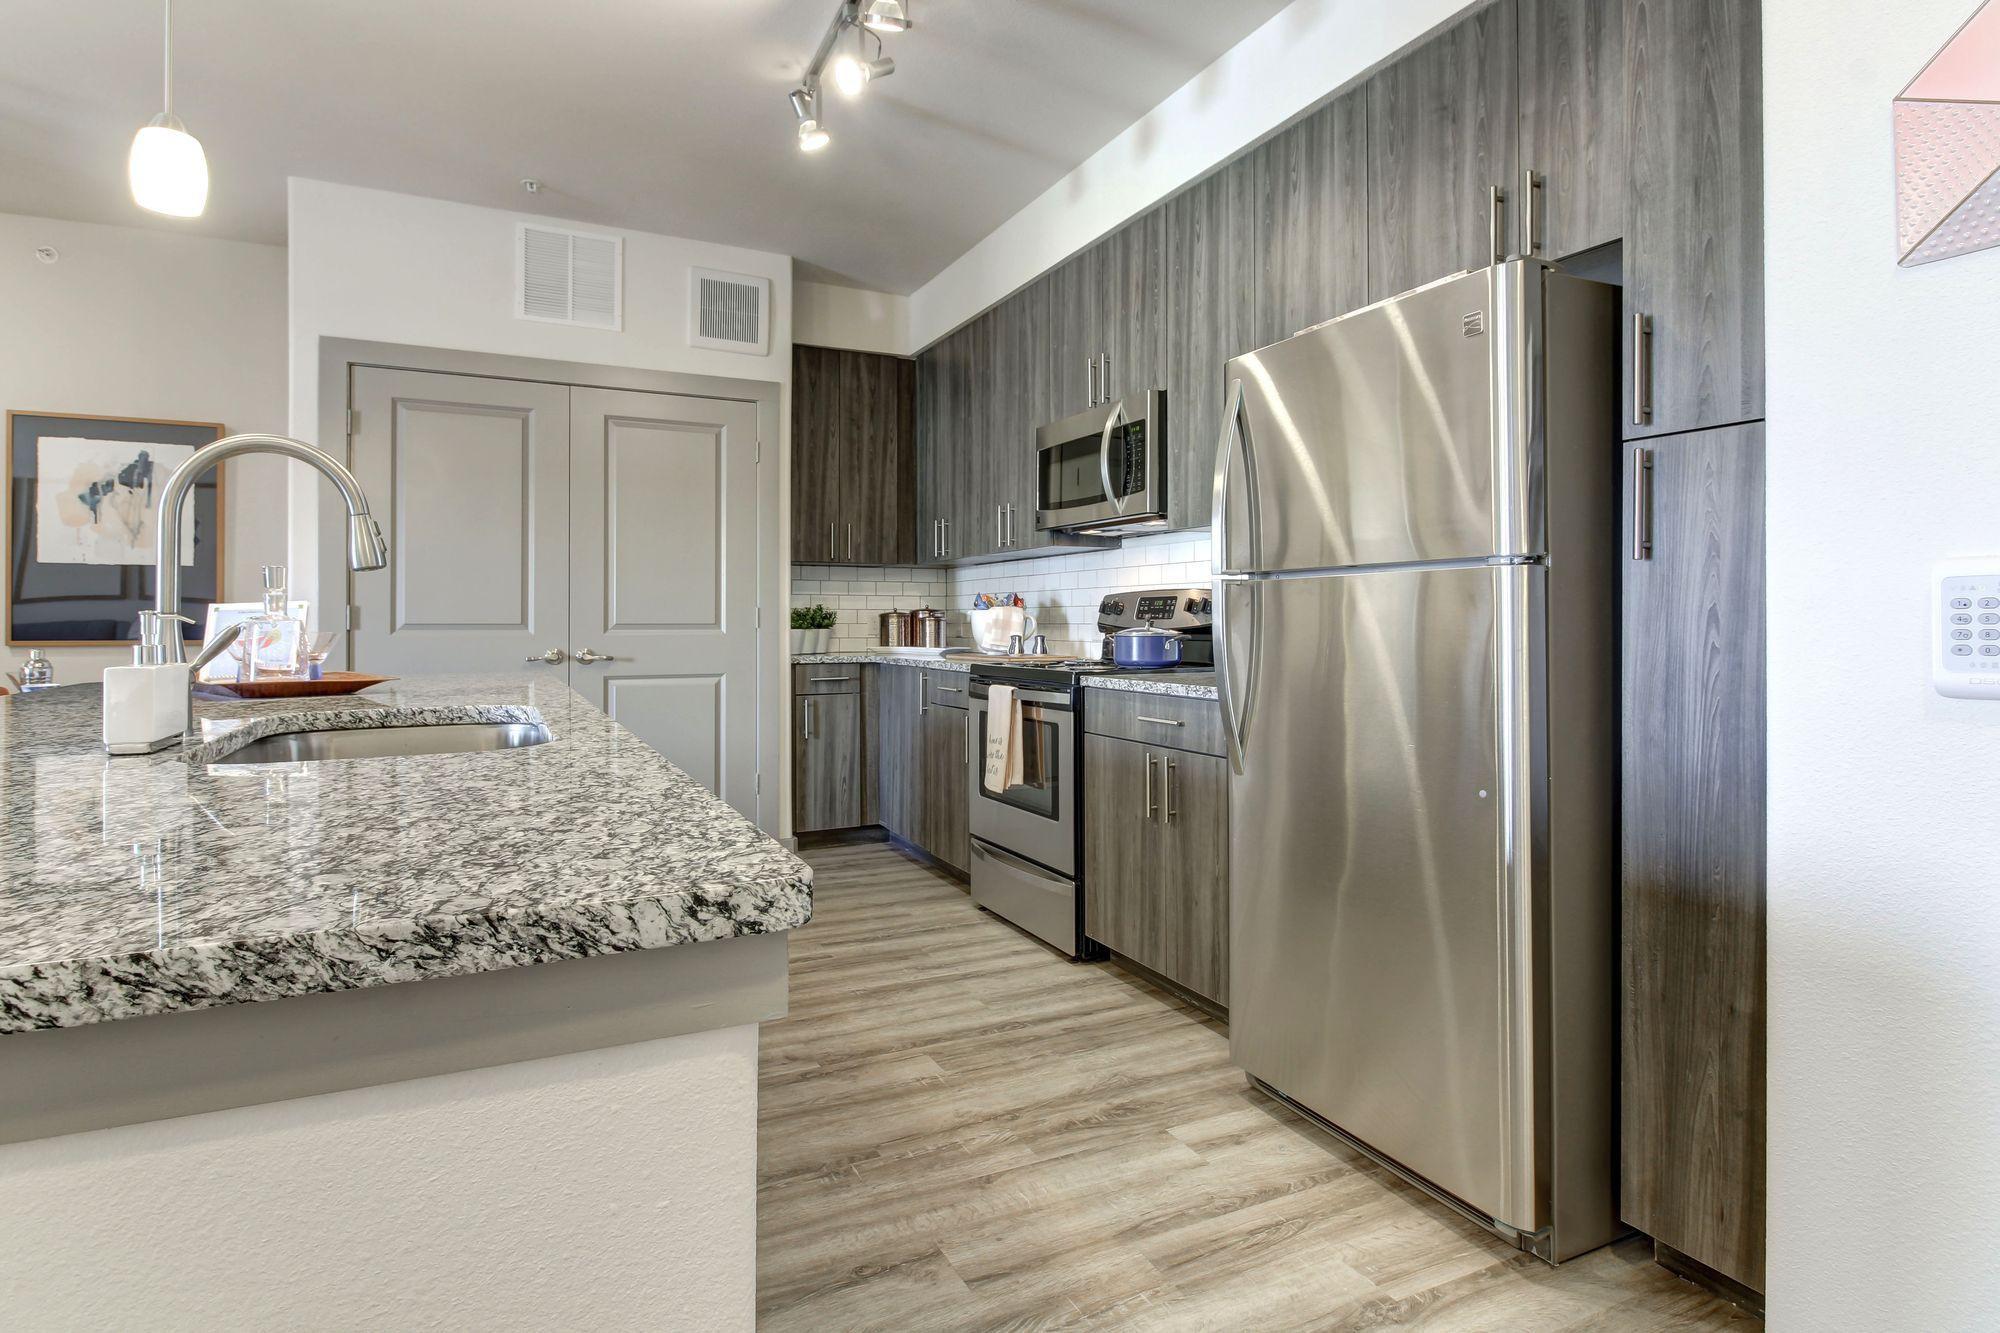 Birwood Heights rental